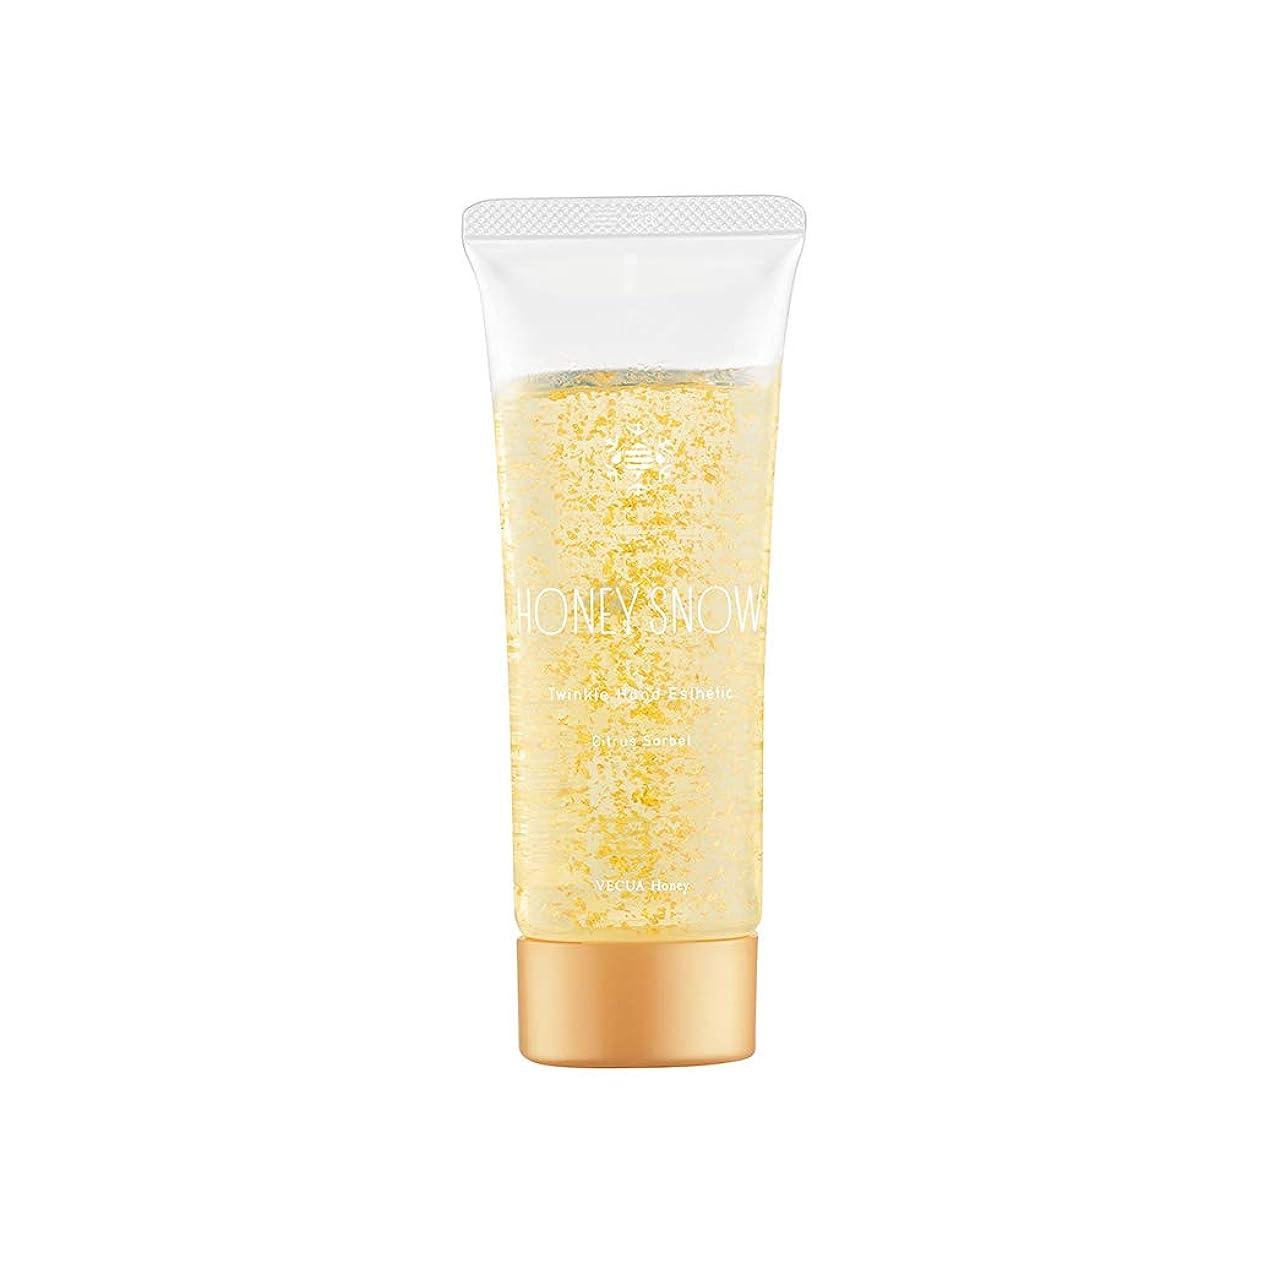 テラスジャンル売上高ベキュア ハニー(VECUA Honey) ハニースノー トゥインクルハンドエステ シトラスソルベ クリーム 70g